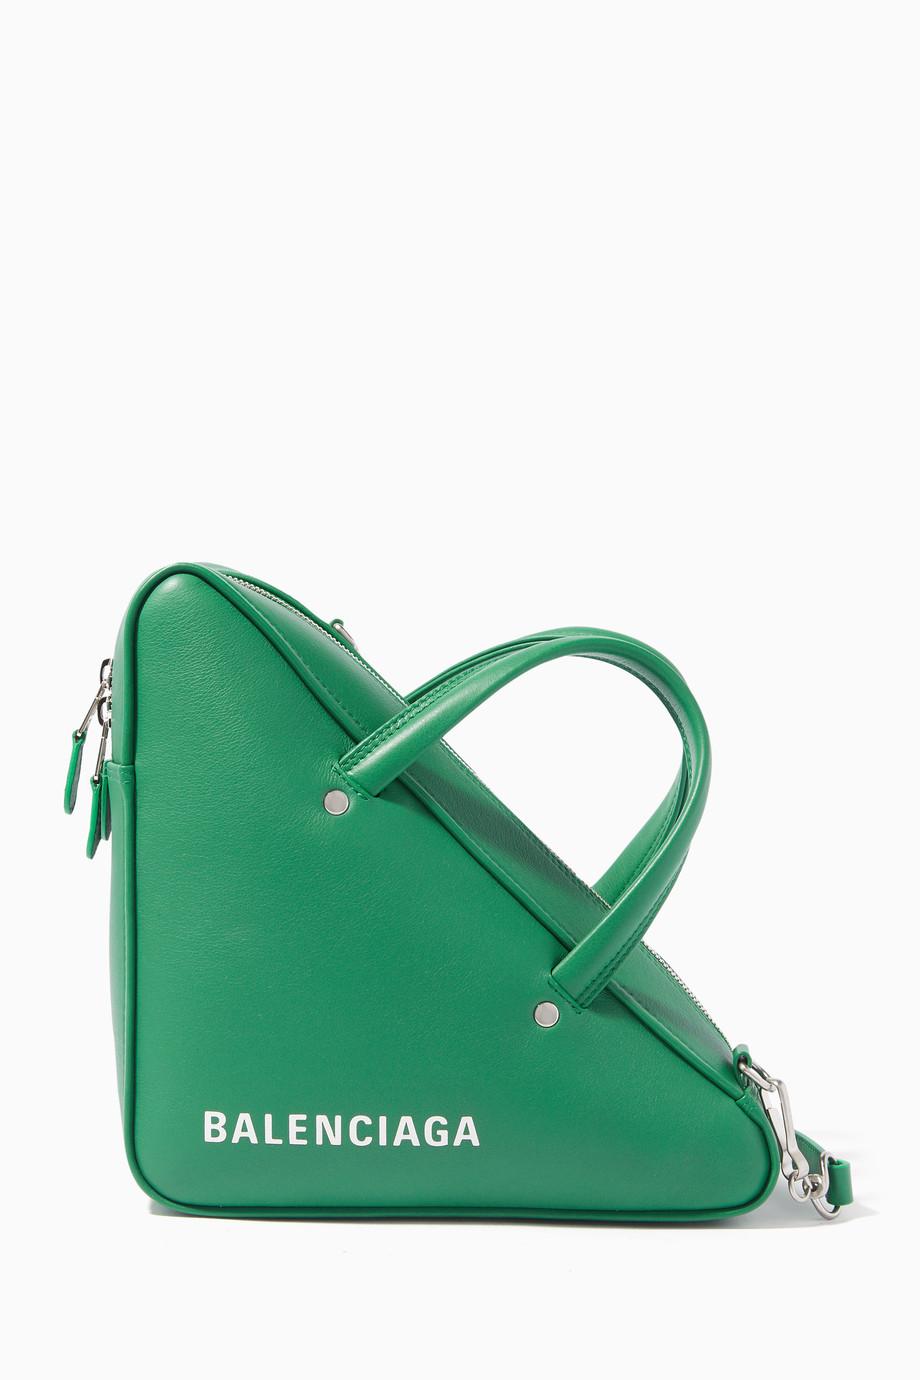 25626cb47473 Shop Balenciaga Green Green Triangle Duffle Bag for Women